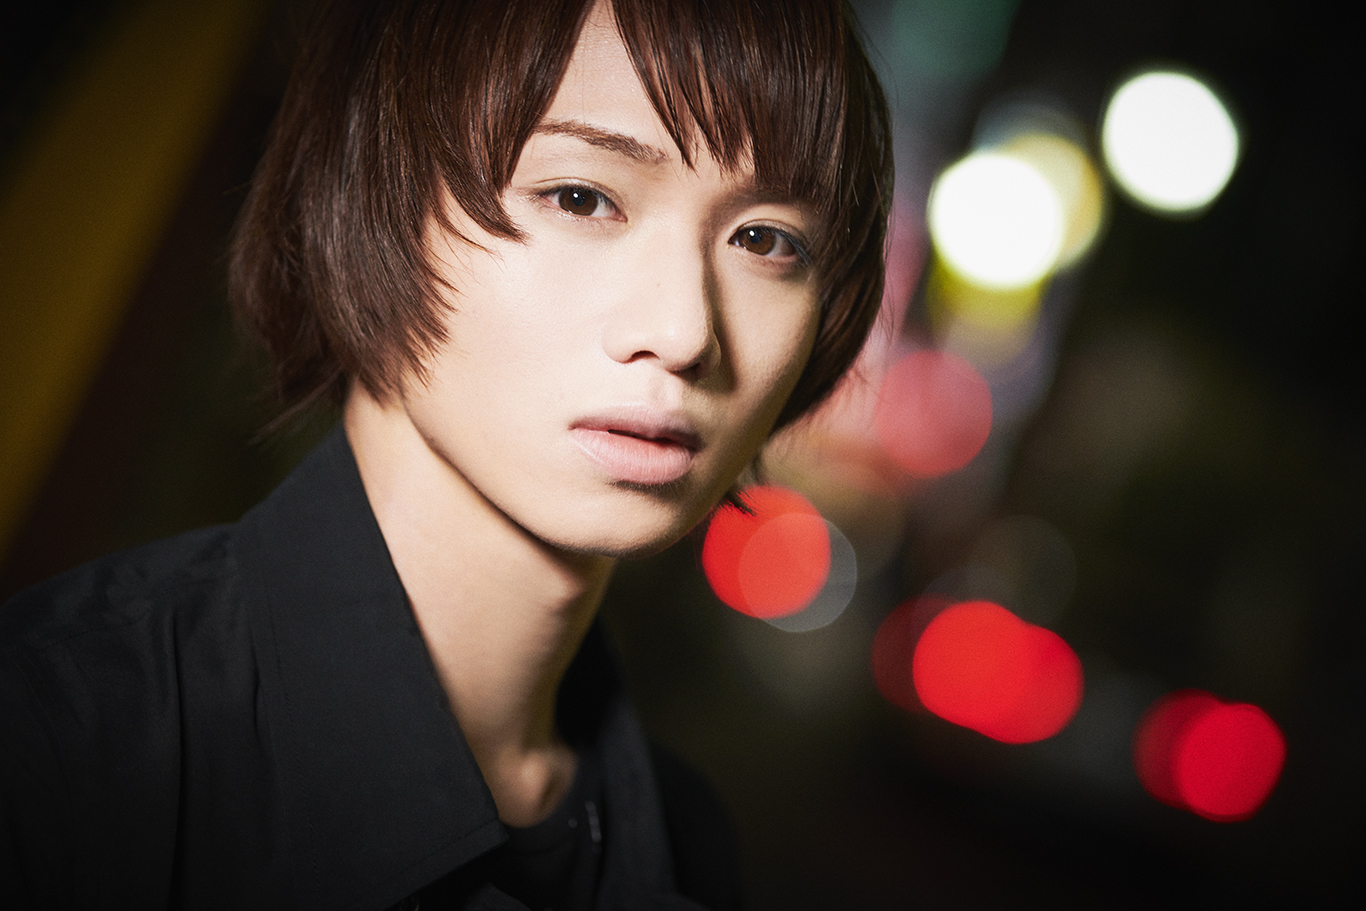 生まれ育った故郷、大阪人の血が騒ぐ……植田圭輔、舞台『火花』にぶつける関西人の性